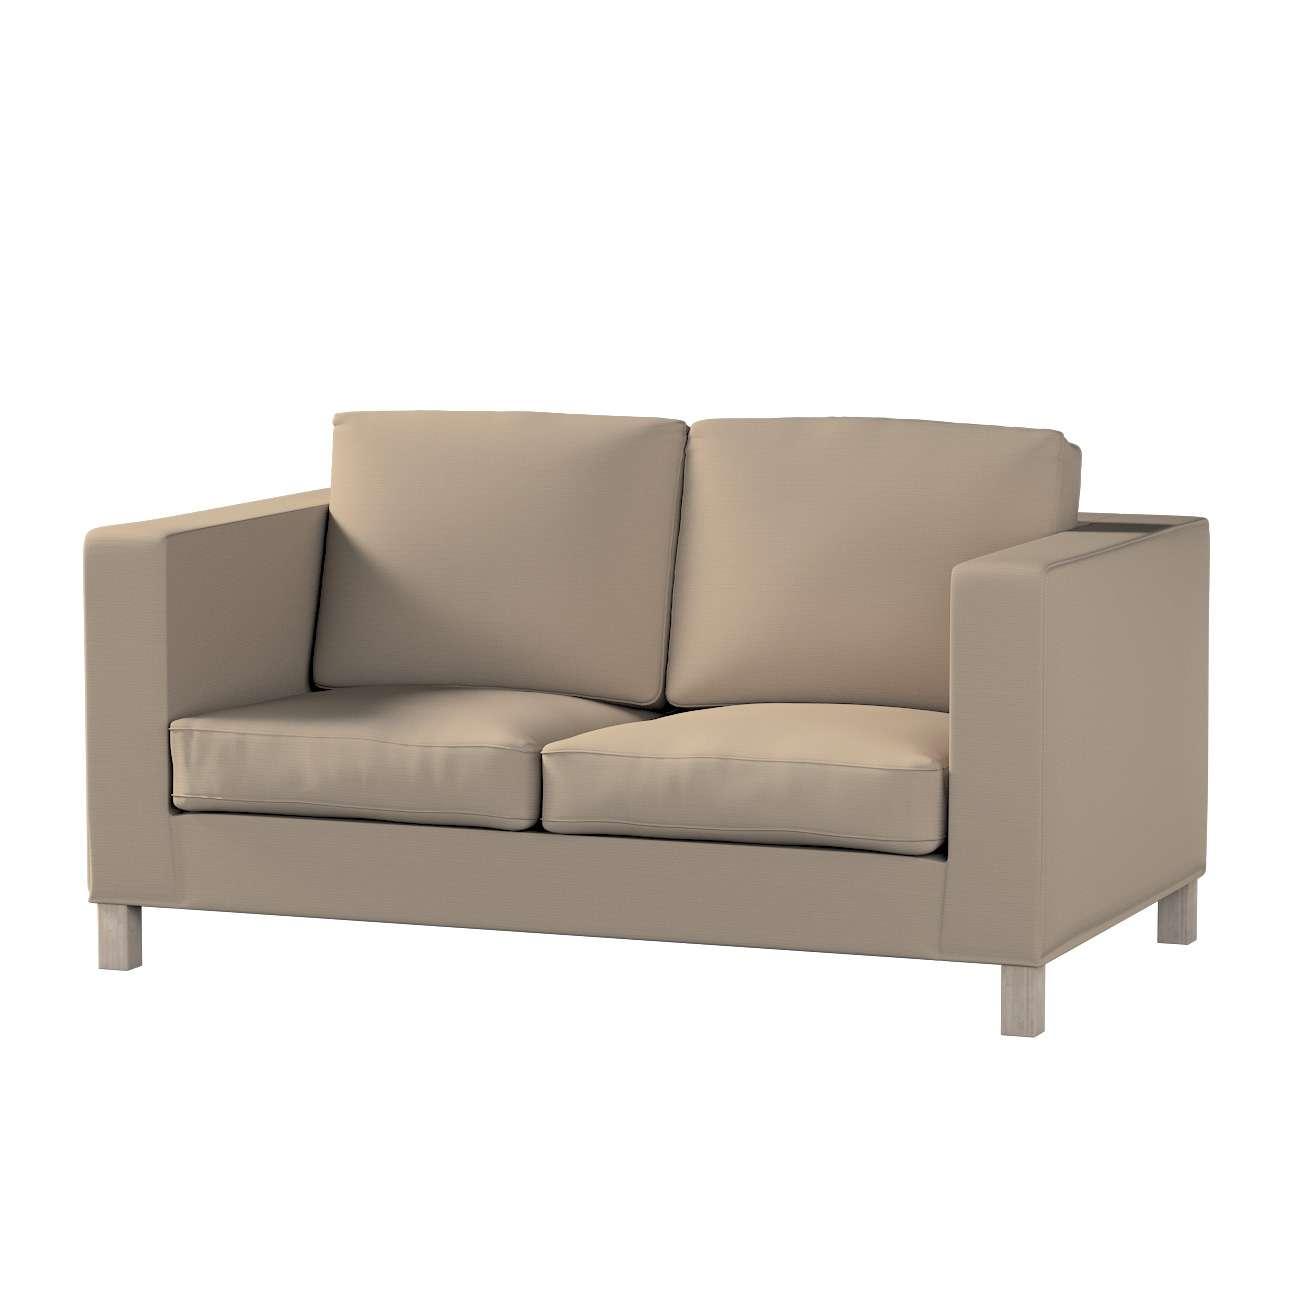 KARLANDA dvivietės sofos užvalkalas KARLANDA dvivietės sofos užvalkalas kolekcijoje Cotton Panama, audinys: 702-28